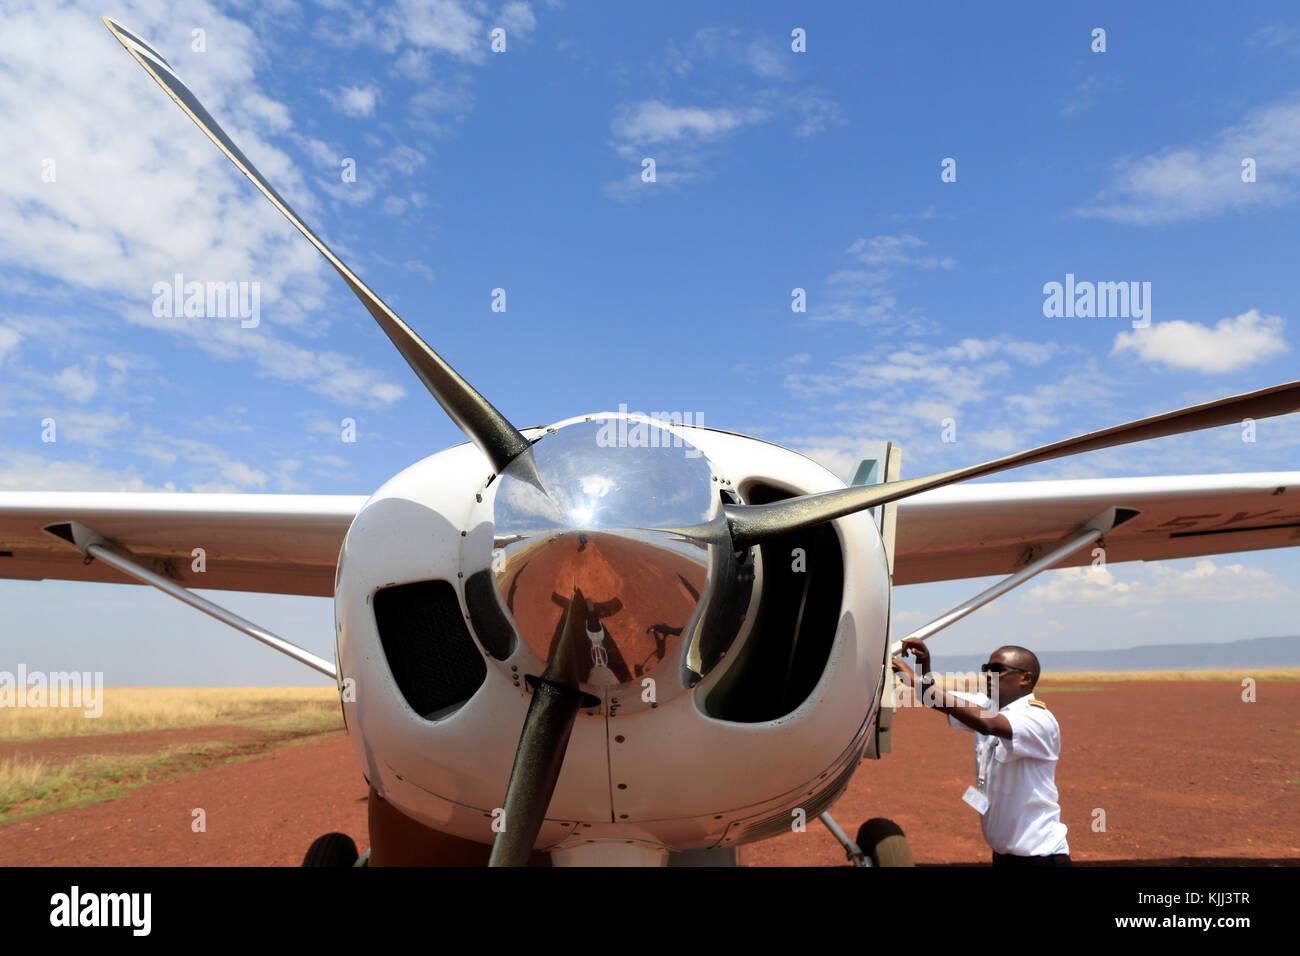 Mara Serena viaje aéreo. La reserva Masai Mara. Kenya. Foto de stock